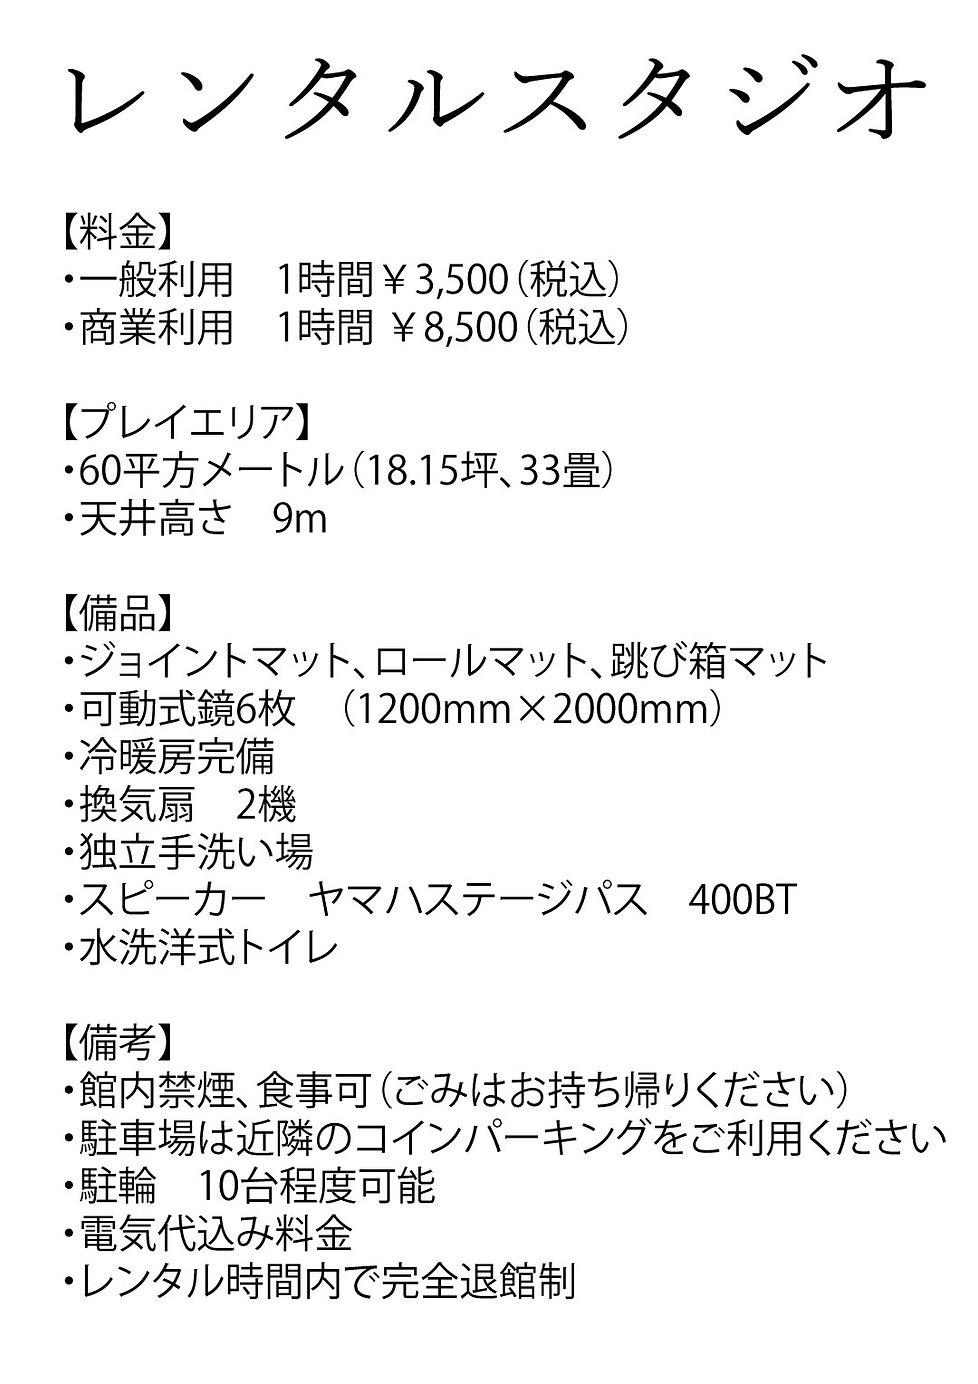 スタジオレンタル 要項.jpg